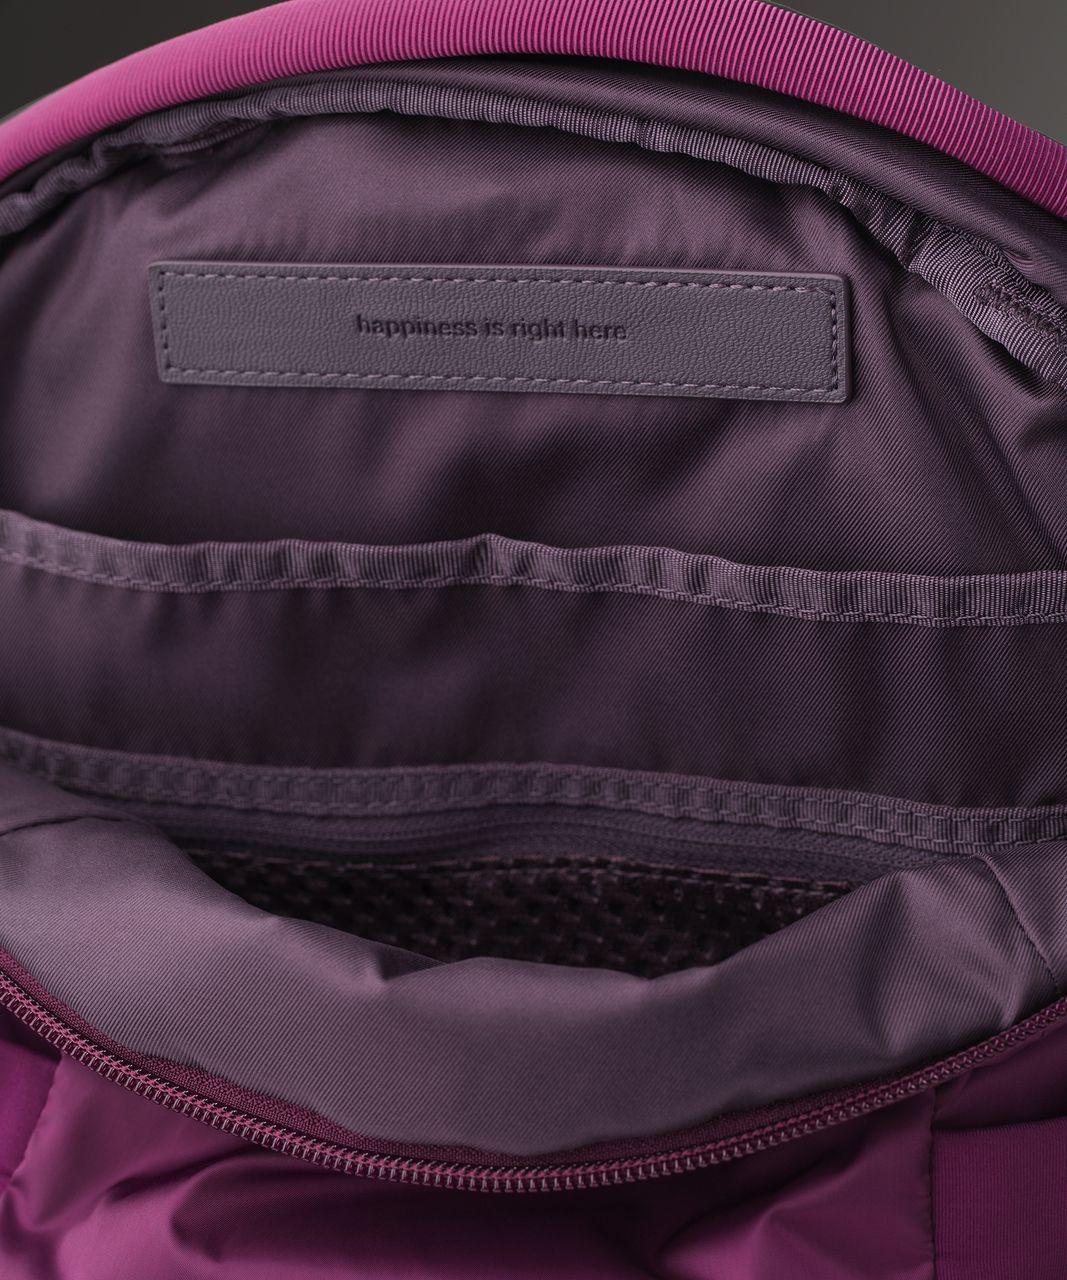 Lululemon Run All Day Backpack II *13L - Marvel